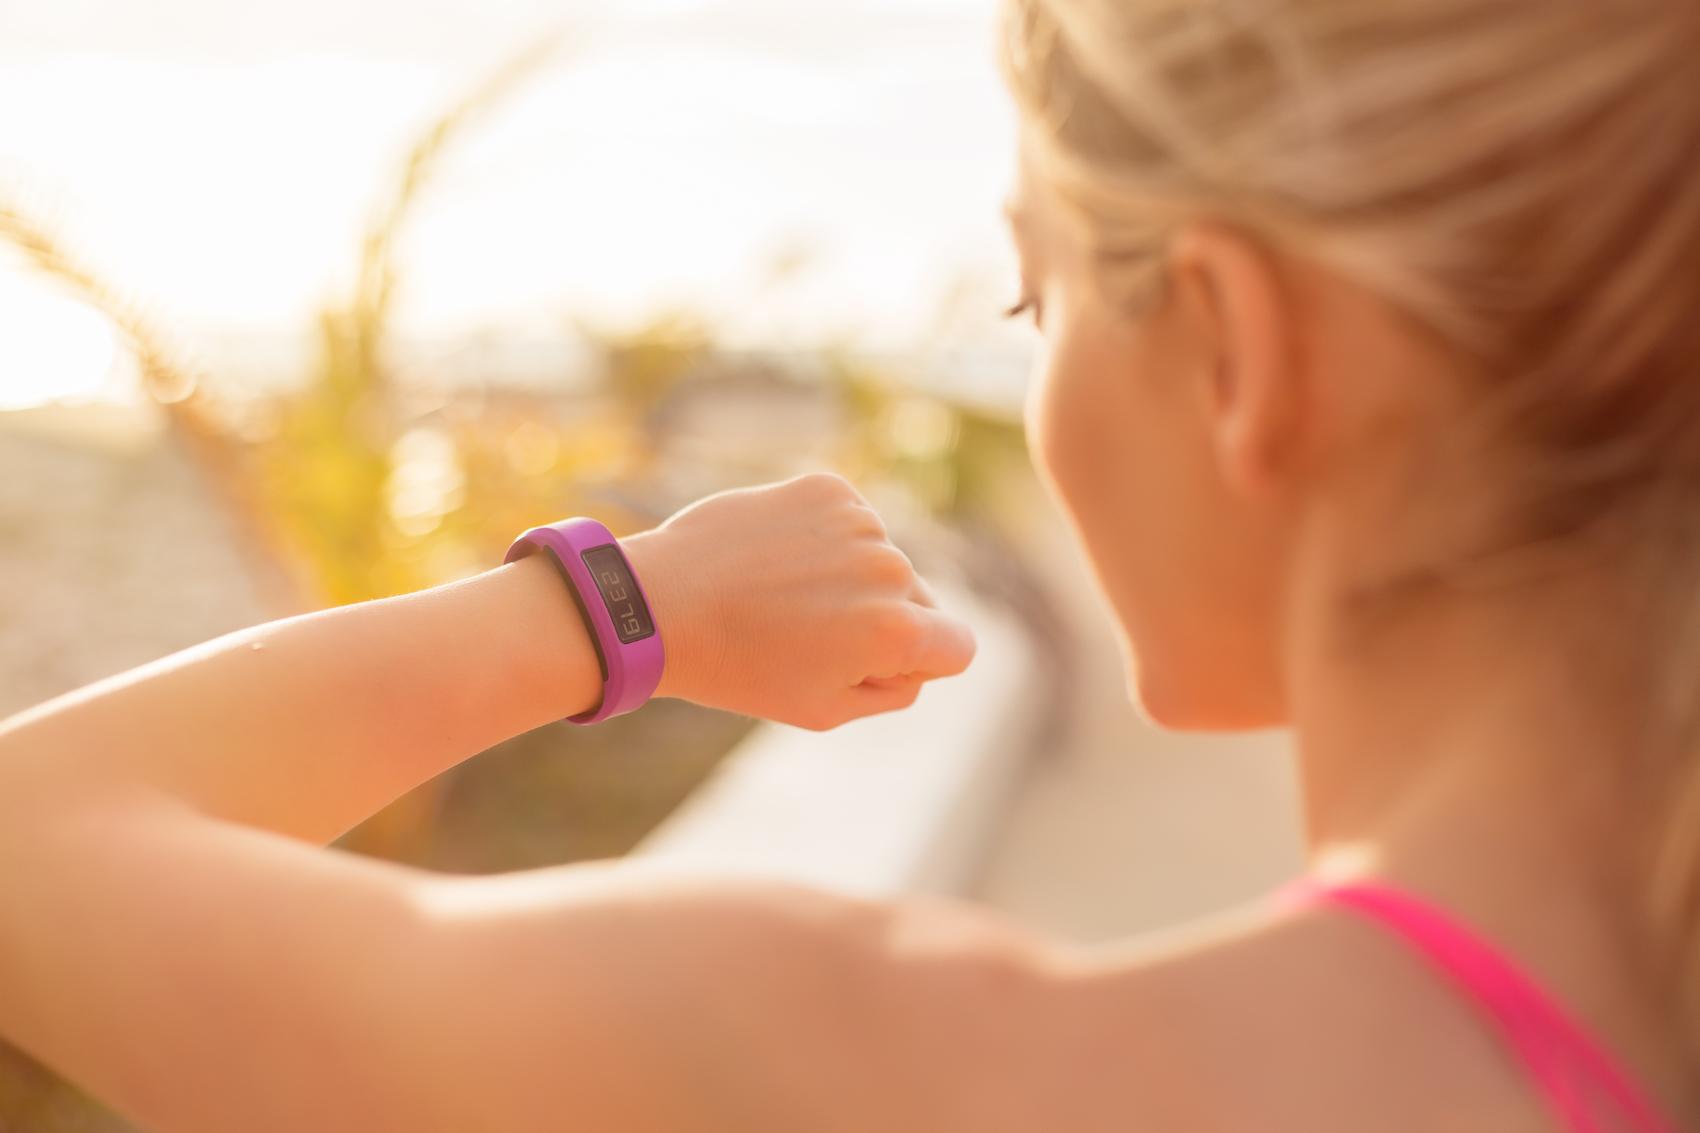 fitness technology device